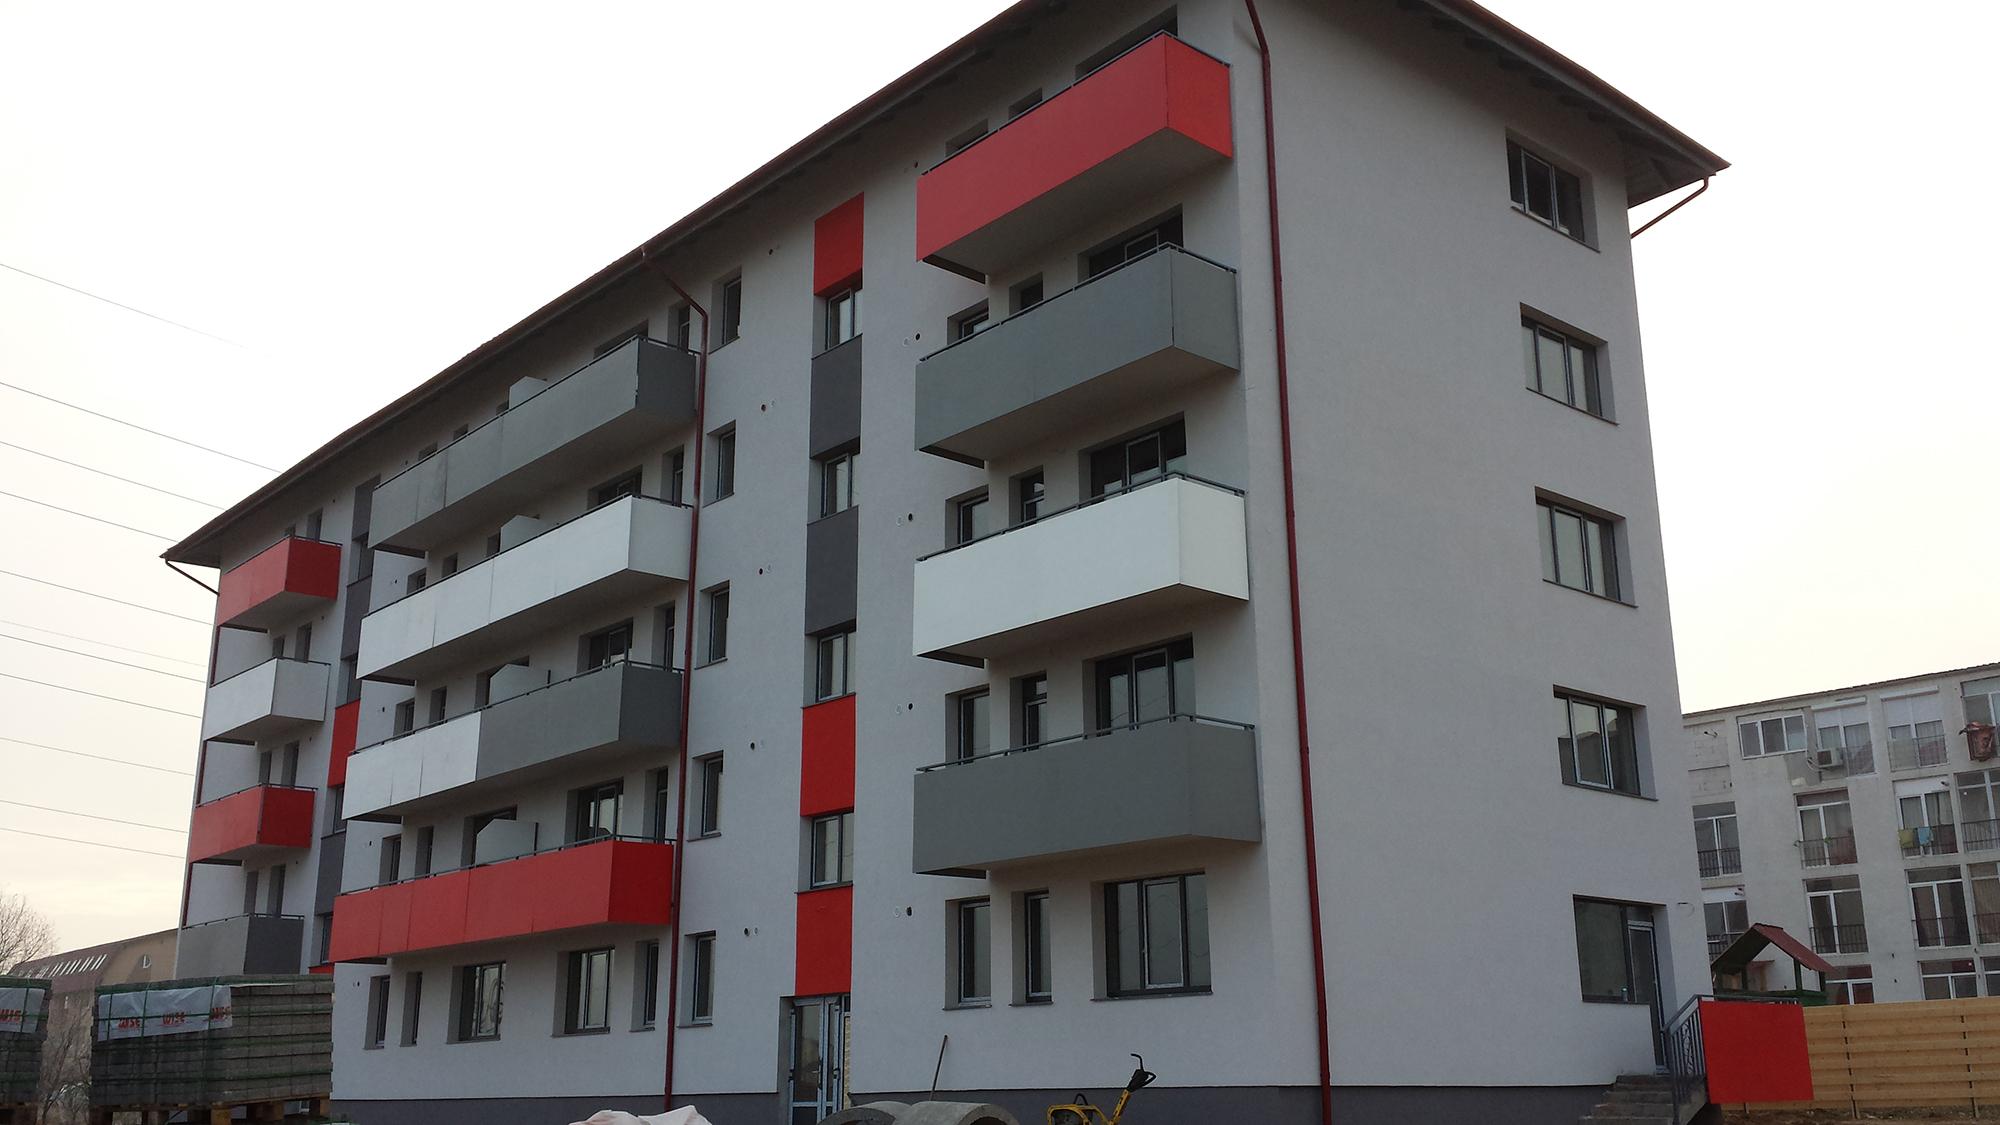 Balcoane vesele pentru un bloc nou din Cluj - Balcoane vesele pentru un bloc nou din